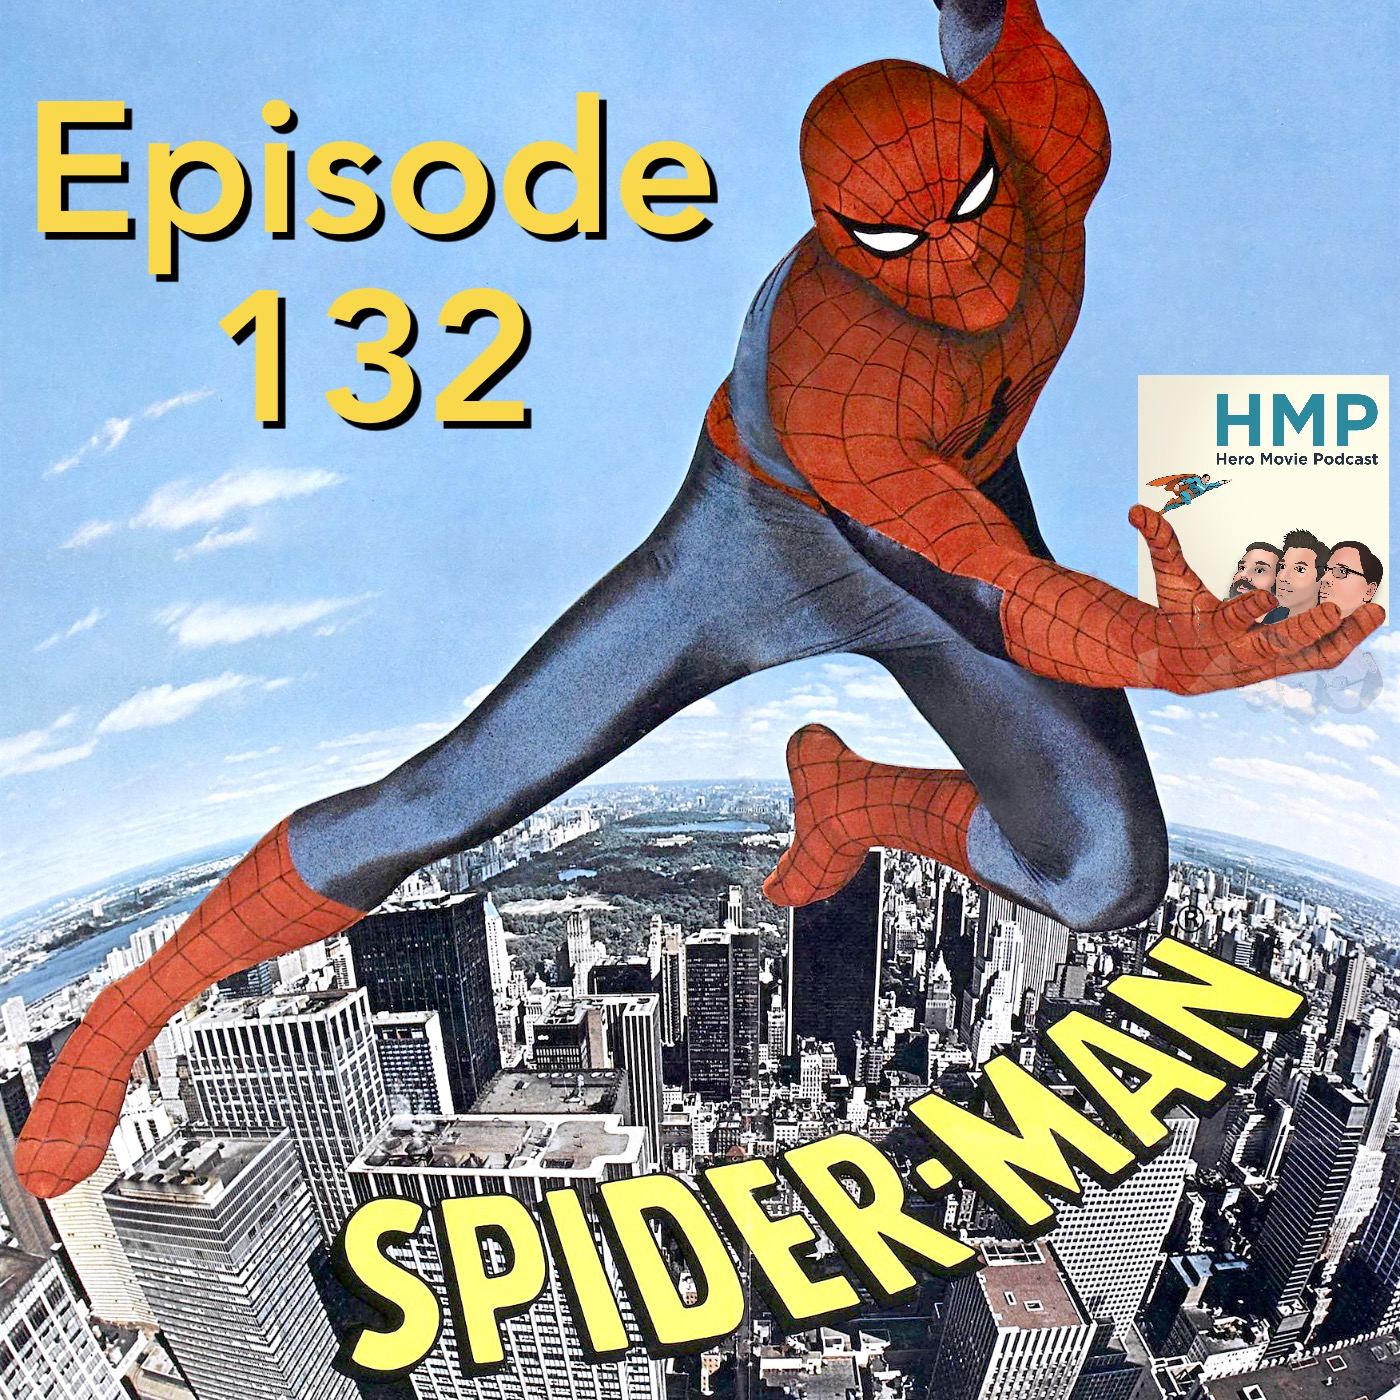 Episode 132- Spider-Man (1977)